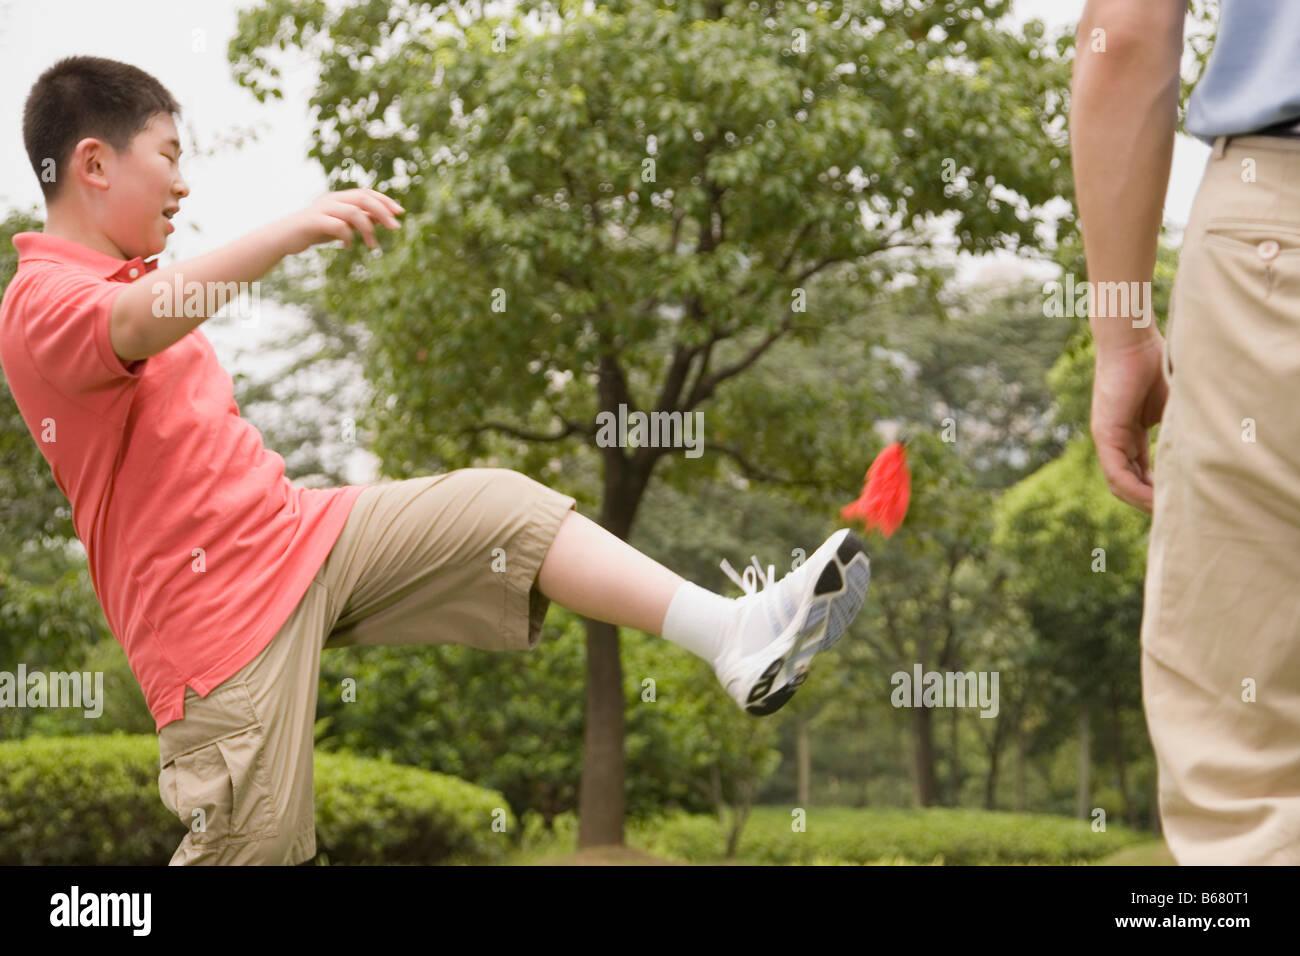 Muchacho jugando con un shuttlecock con su padre de pie delante de él Imagen De Stock